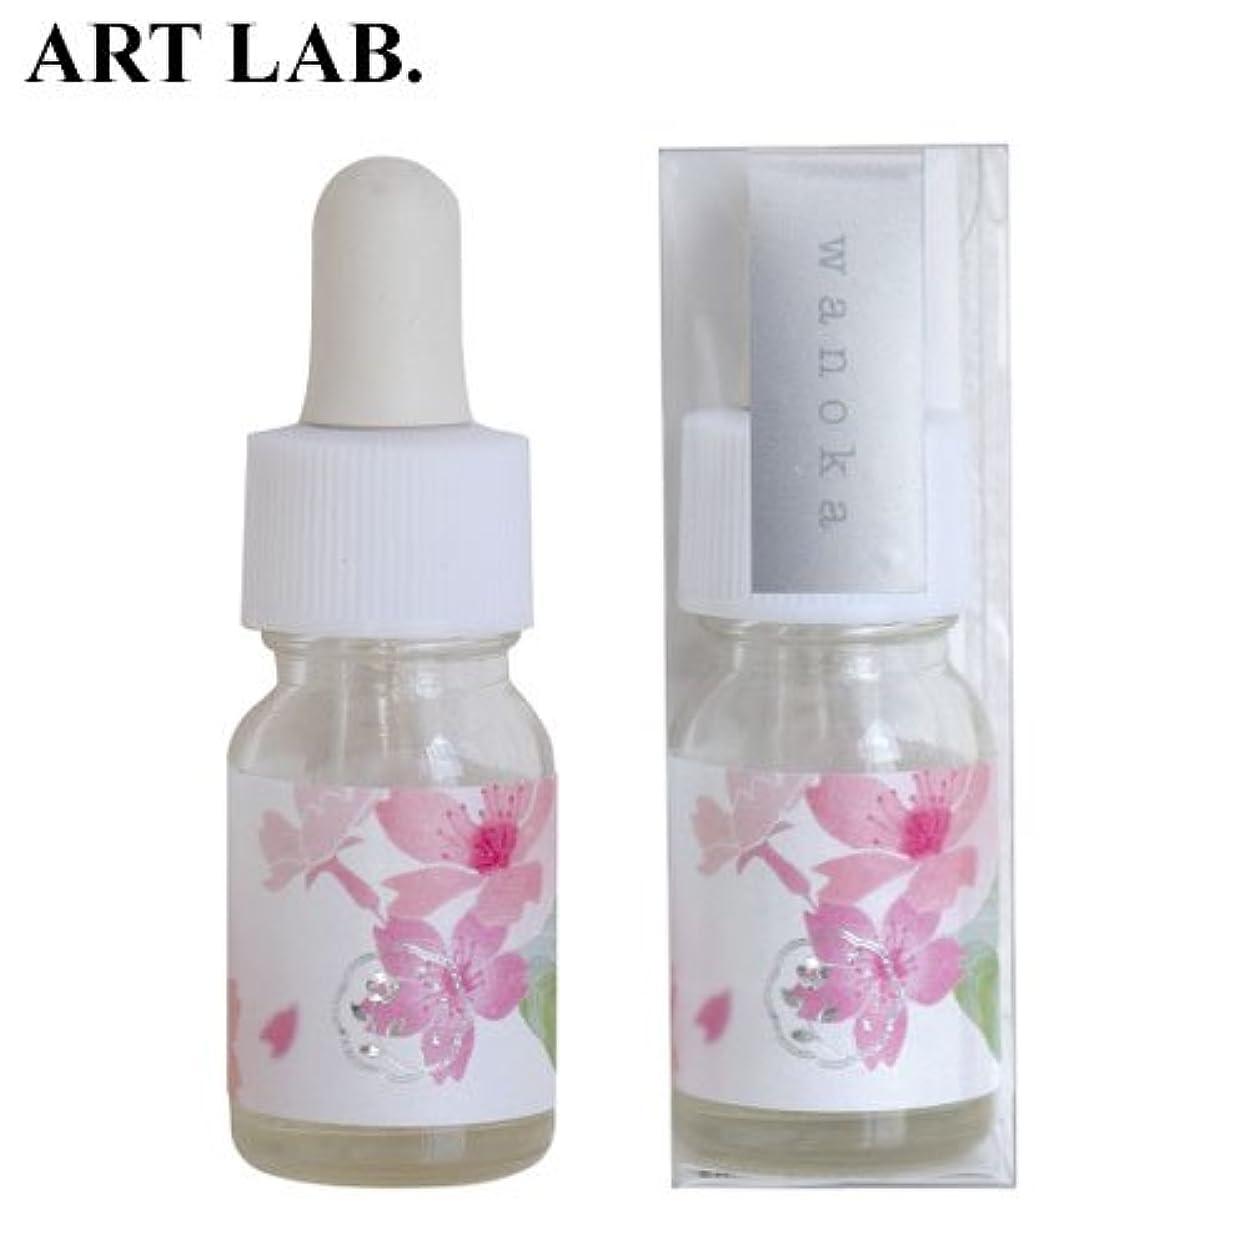 大通りパック排気wanoka香油アロマオイル桜《桜をイメージした甘い香り》ART LABAromatic oil